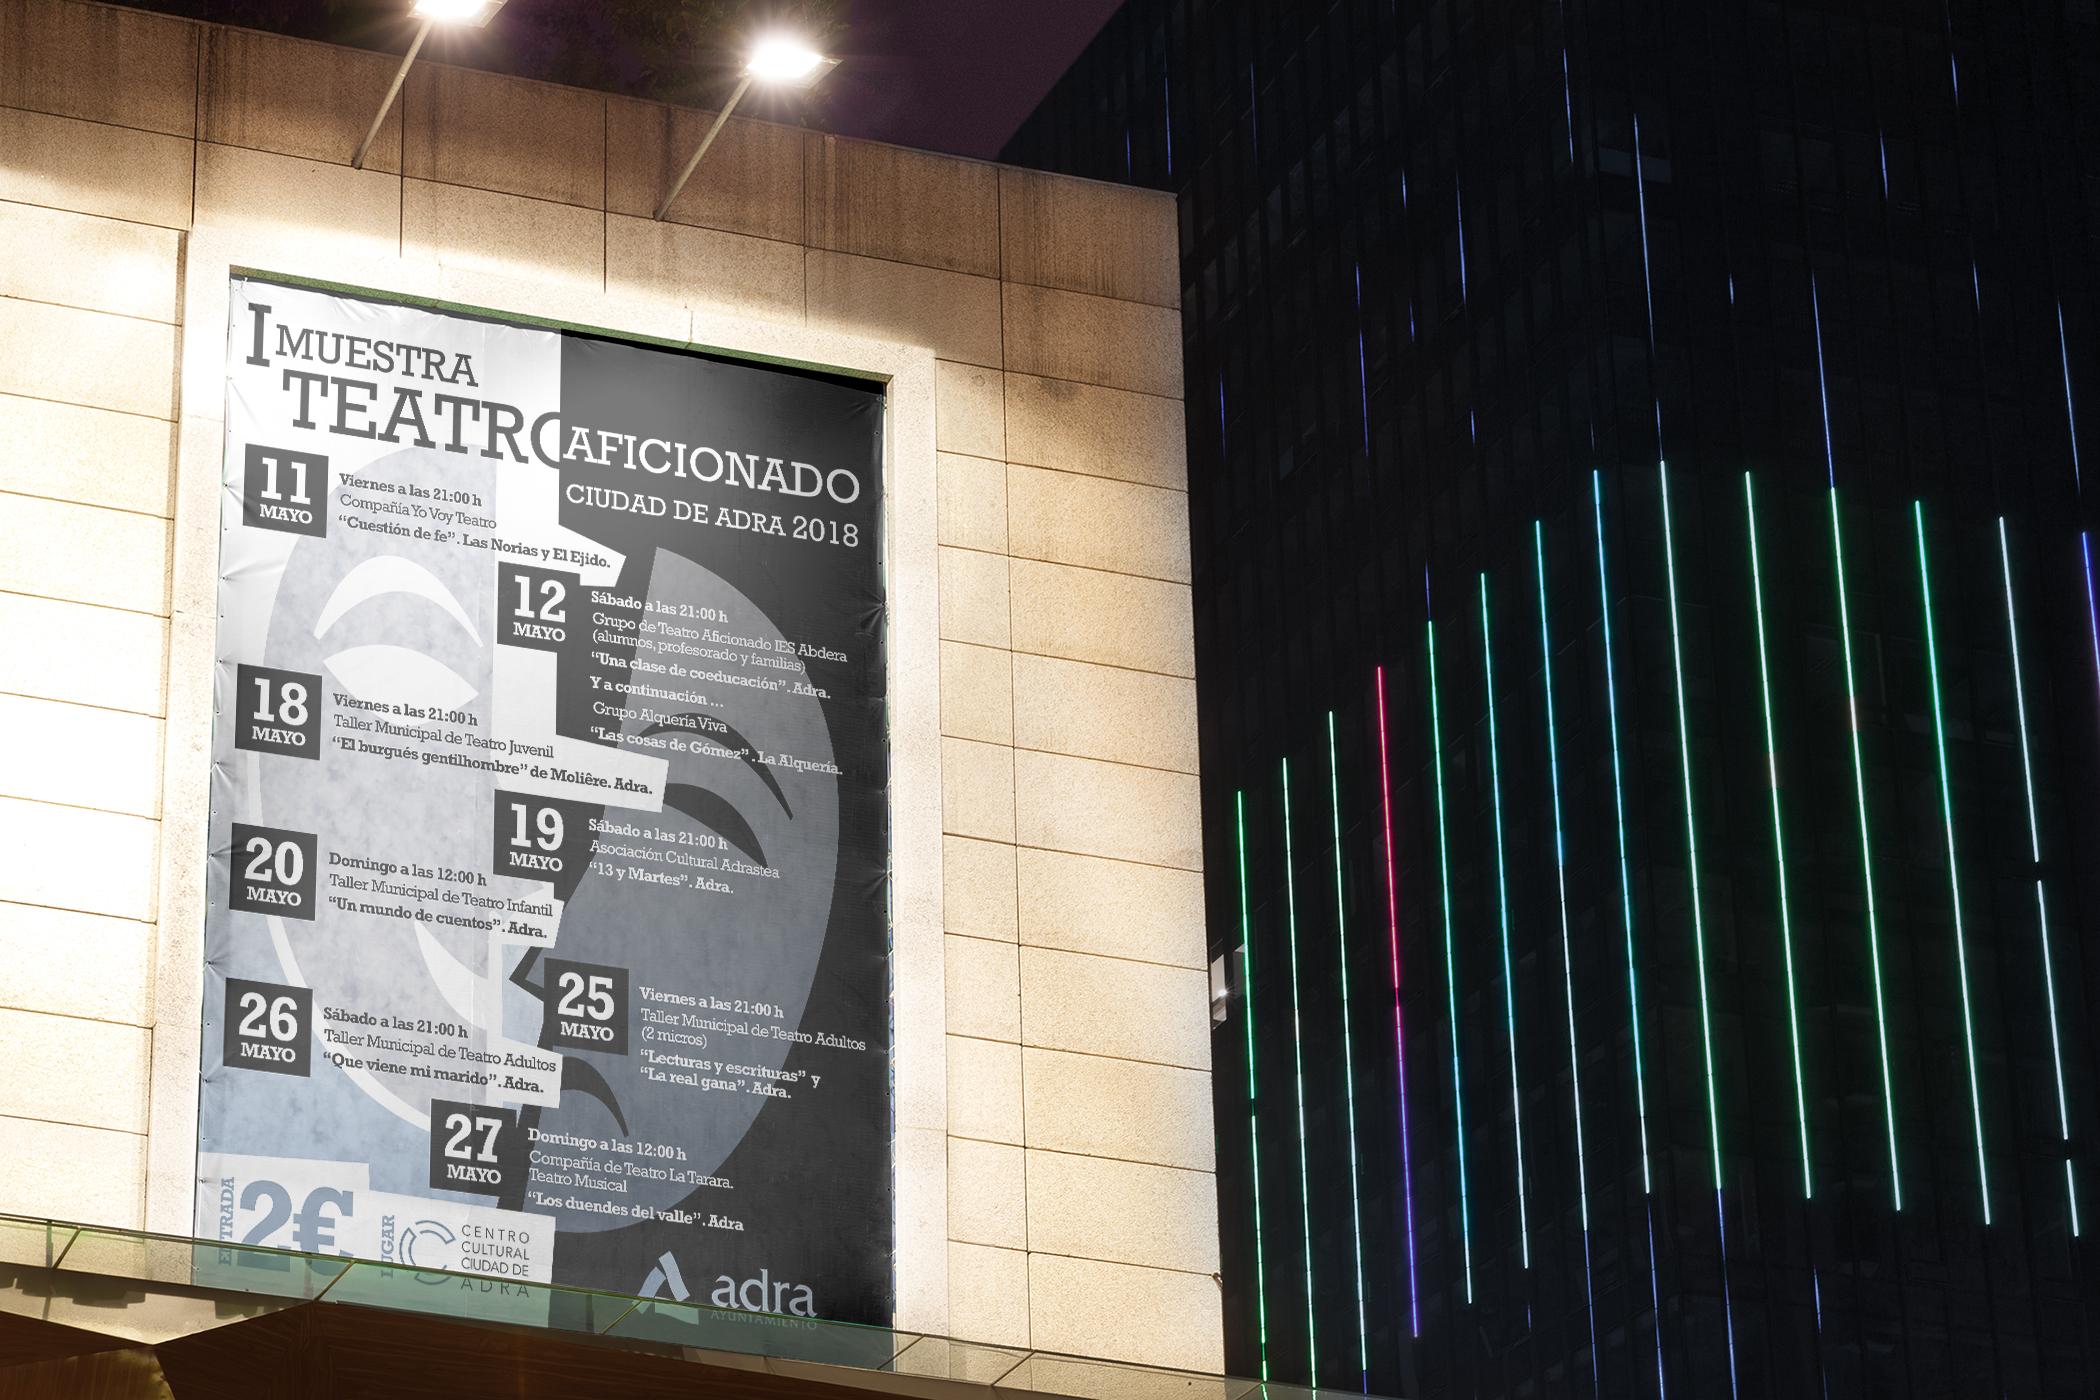 Cartel I Muestra Teatro Aficionado Ciudad de Adra 2018